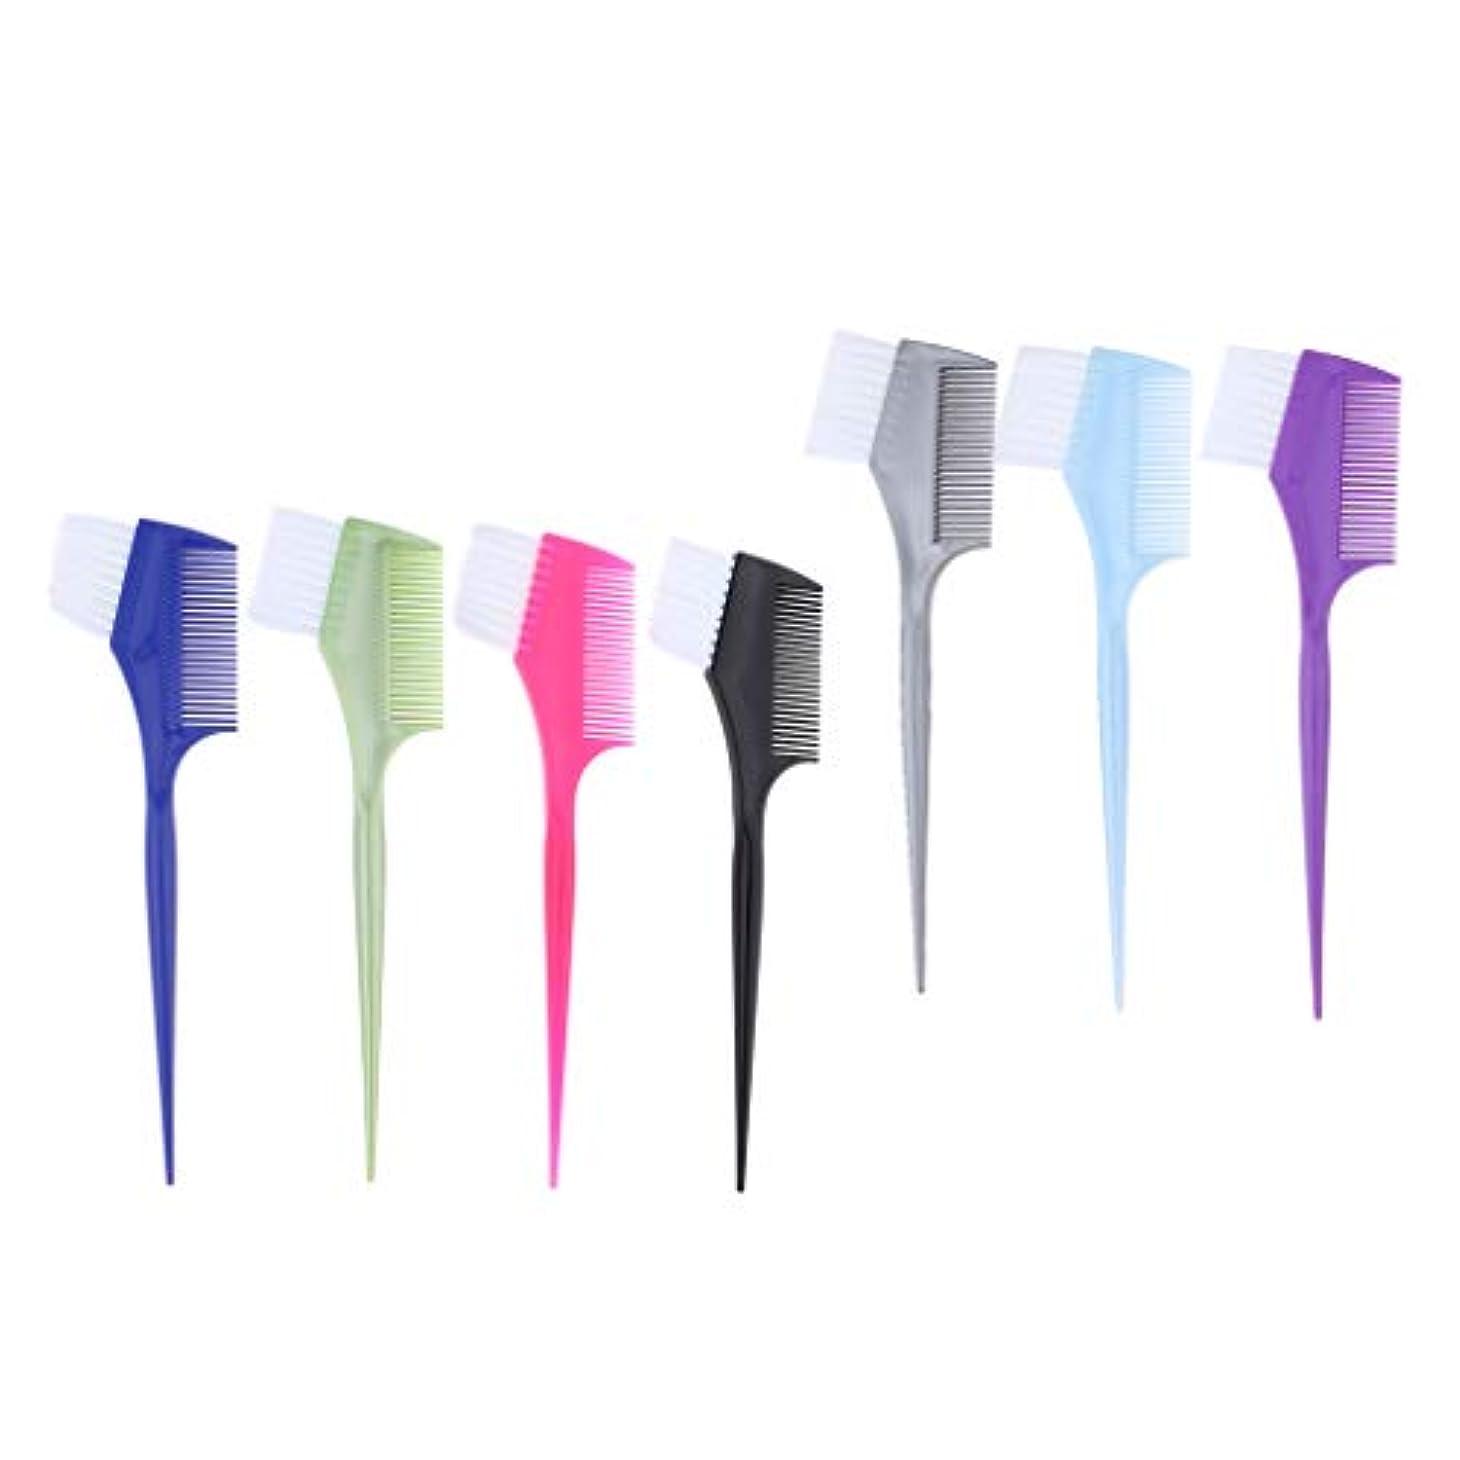 ガロン変化する大胆なF Fityle 7本 ヘアカラーブラシ ヘアコーム 染色ブラシ 染料櫛 スタイリスト